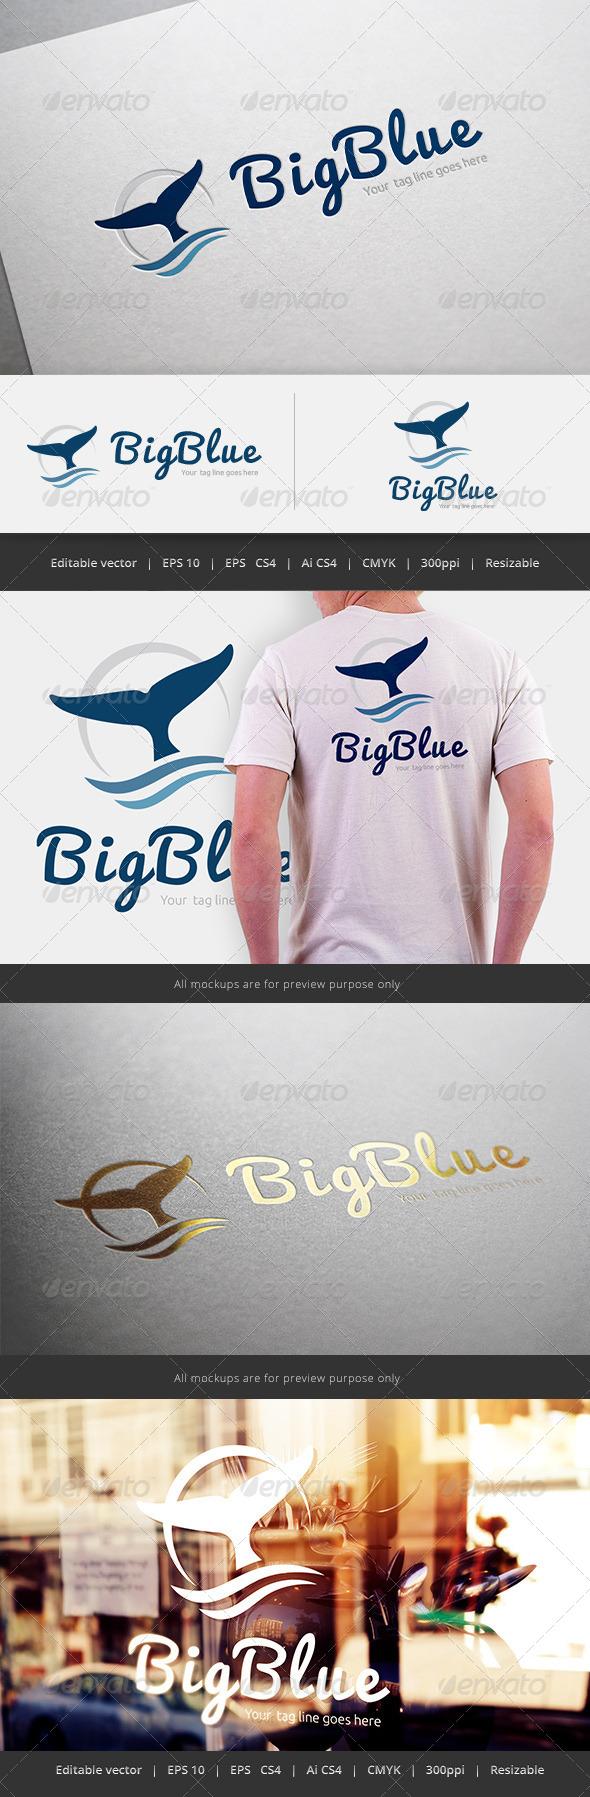 GraphicRiver Big Blue Logo 5545472